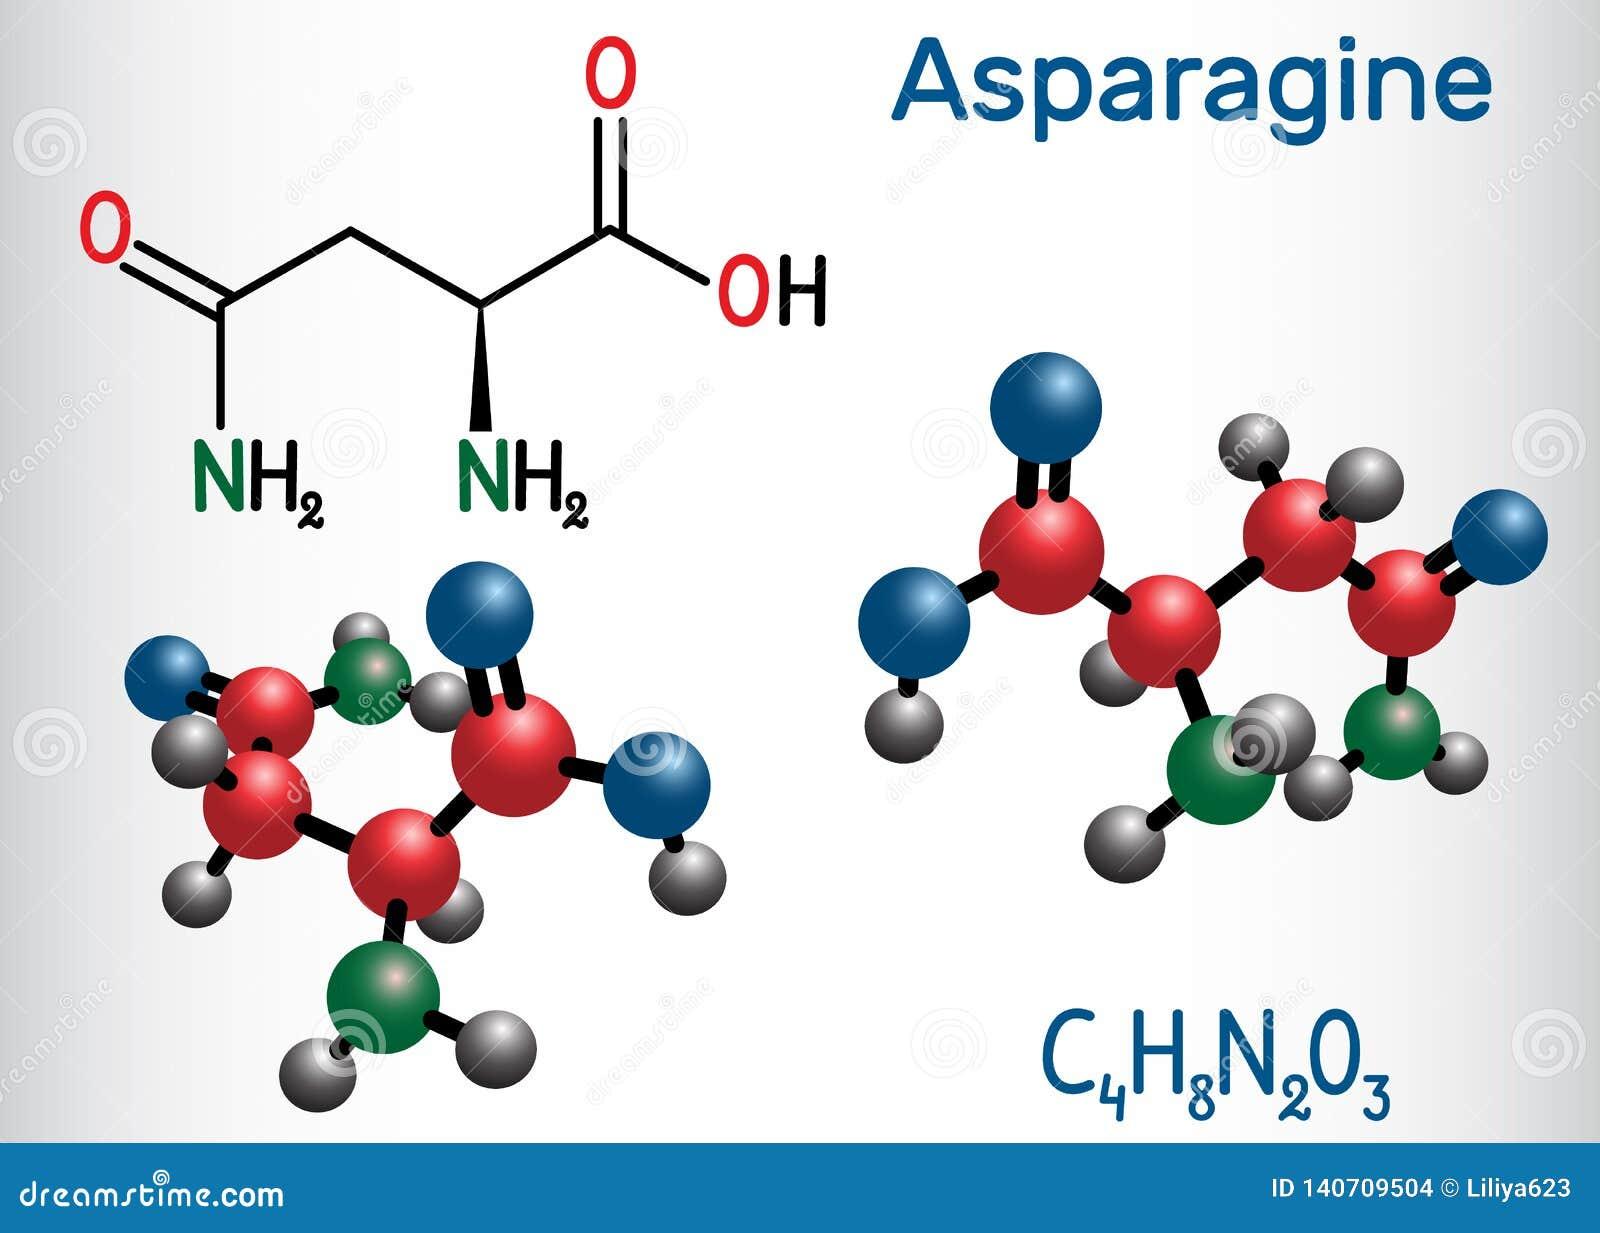 AsparagineL-asparagine, Asn, n-aminosyramolekyl Det är används i biosynthesisen av proteiner Strukturell kemikalie